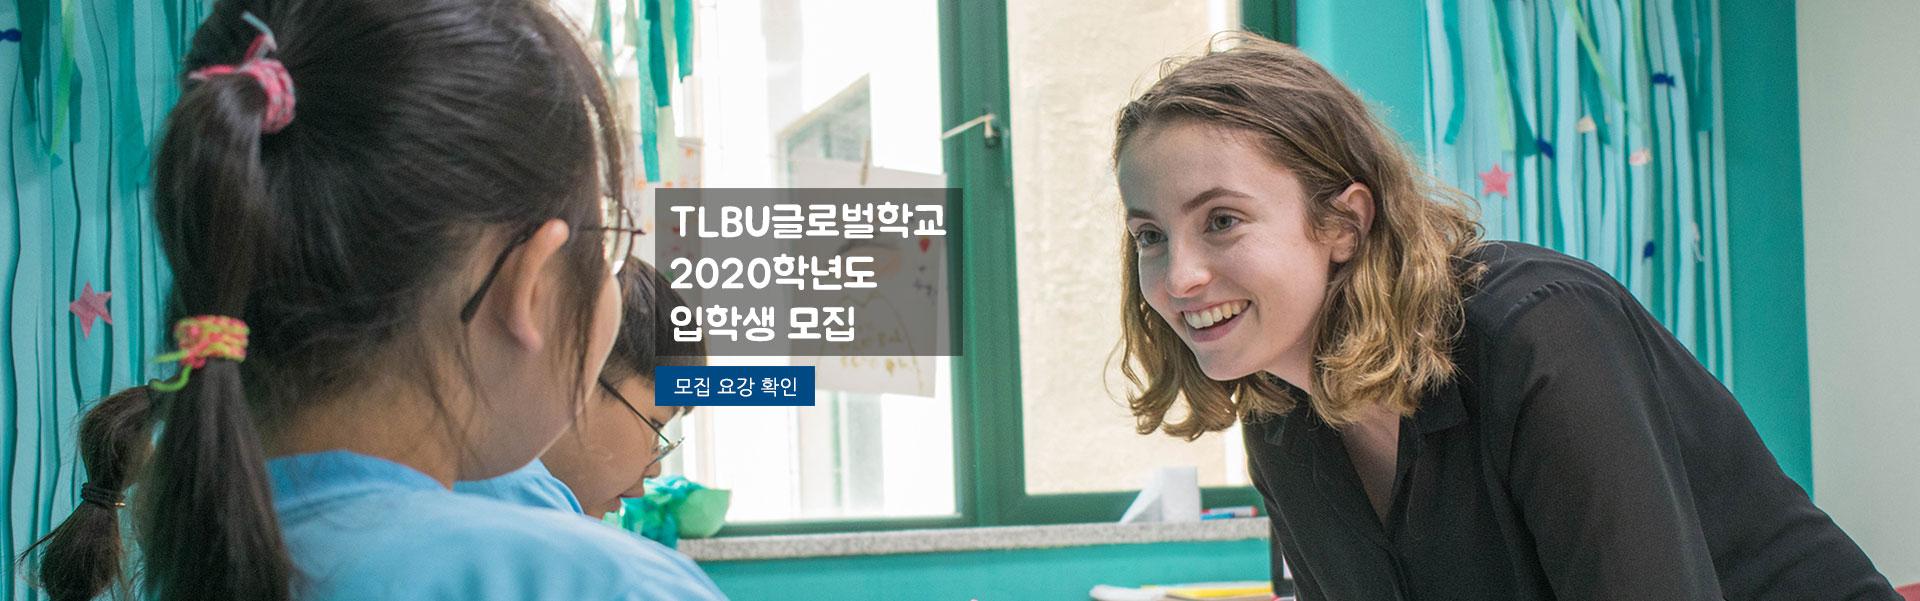 TLBU글로벌학교 2019-2020학년도 입학생 모집